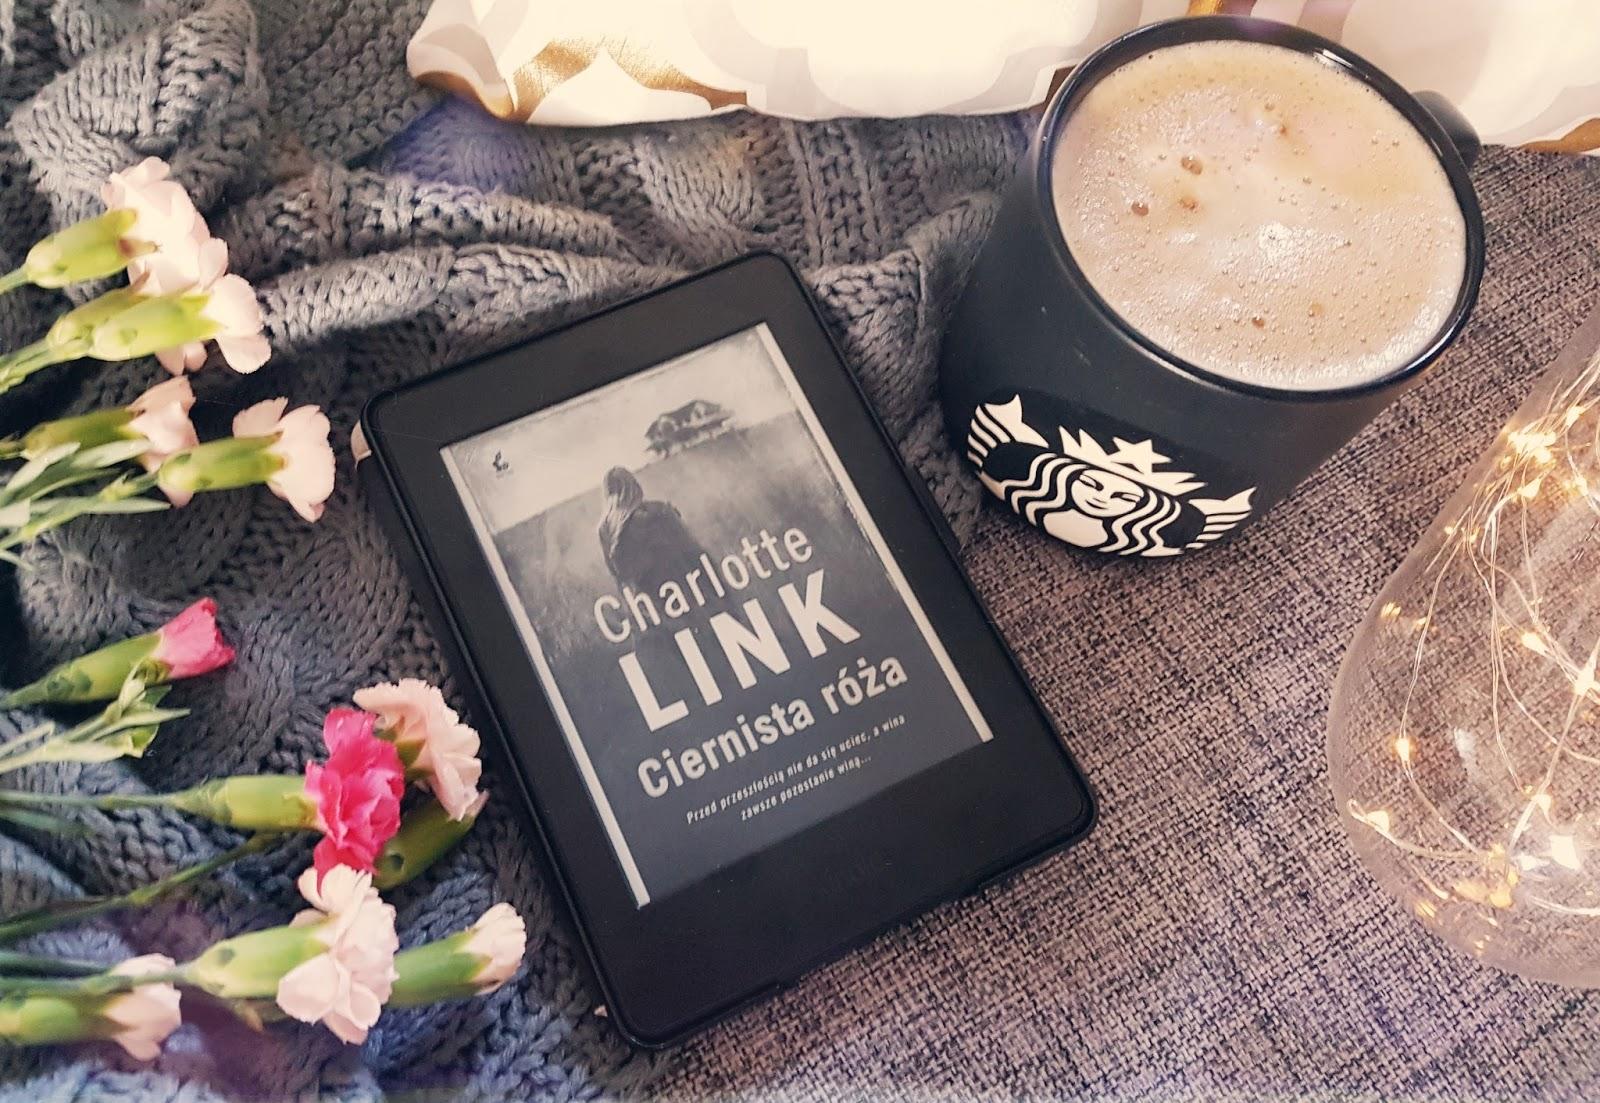 Ciernista róża – Charlotte Link, kryminał dla początkujących